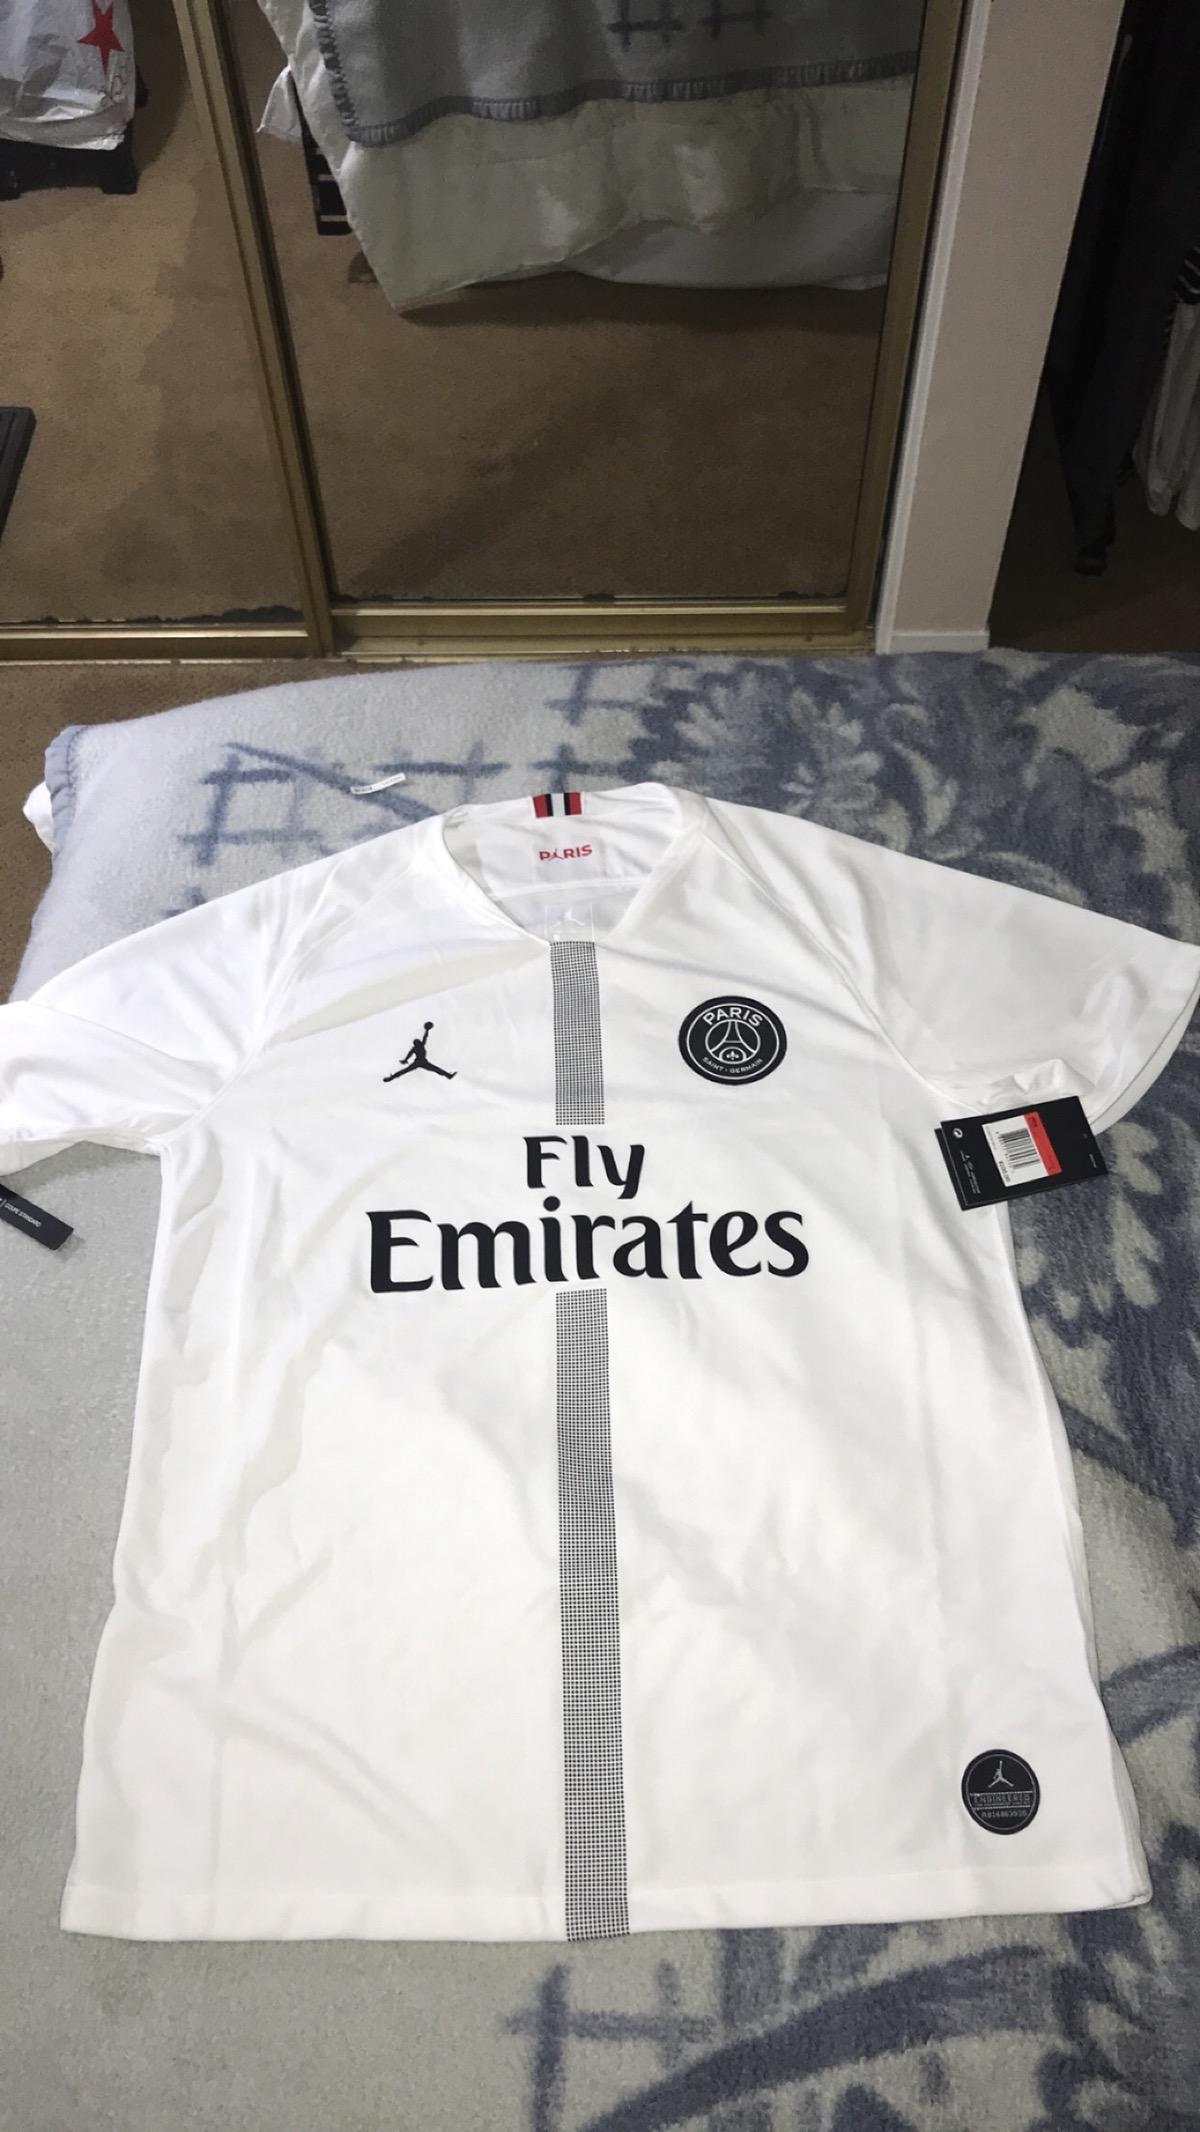 74673e3ea817 Nike Nike Jordan Brand Psg Home White Jersey Neymar Jr. Messi ...